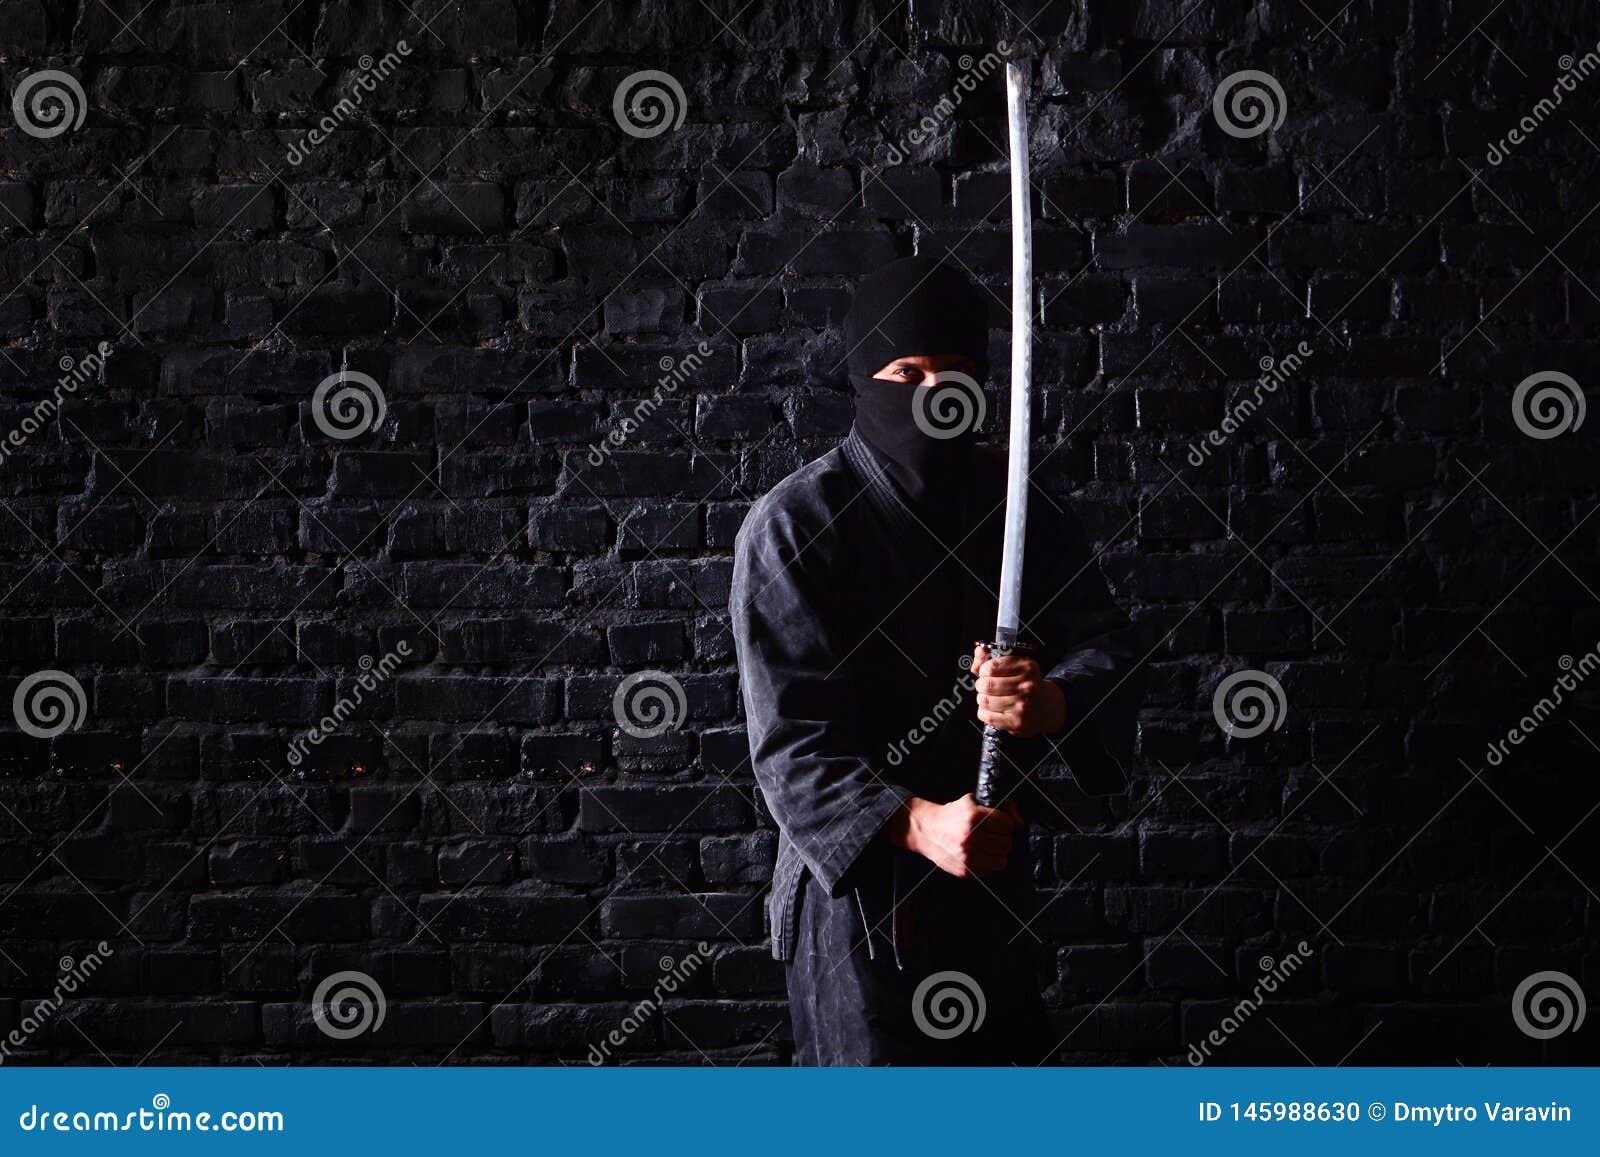 Samurai de Ninja con katana en actitud del ataque en un fondo oscuro de la pared de ladrillo